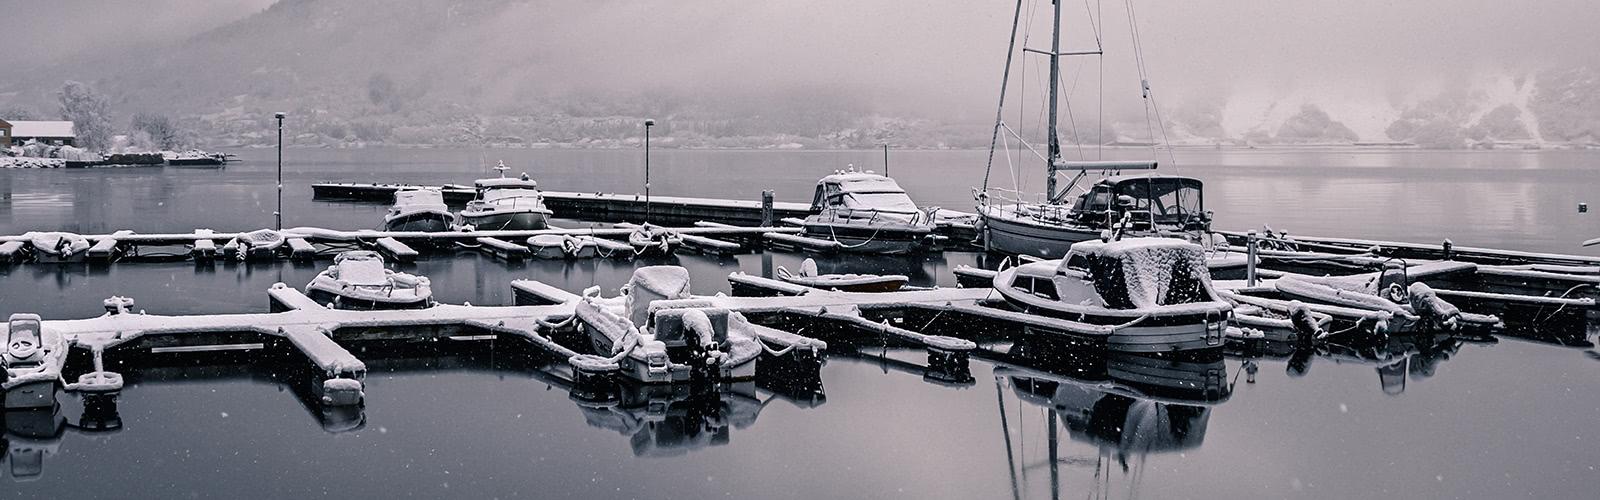 Come preparare il rimessaggio invernale del fuoribordo?